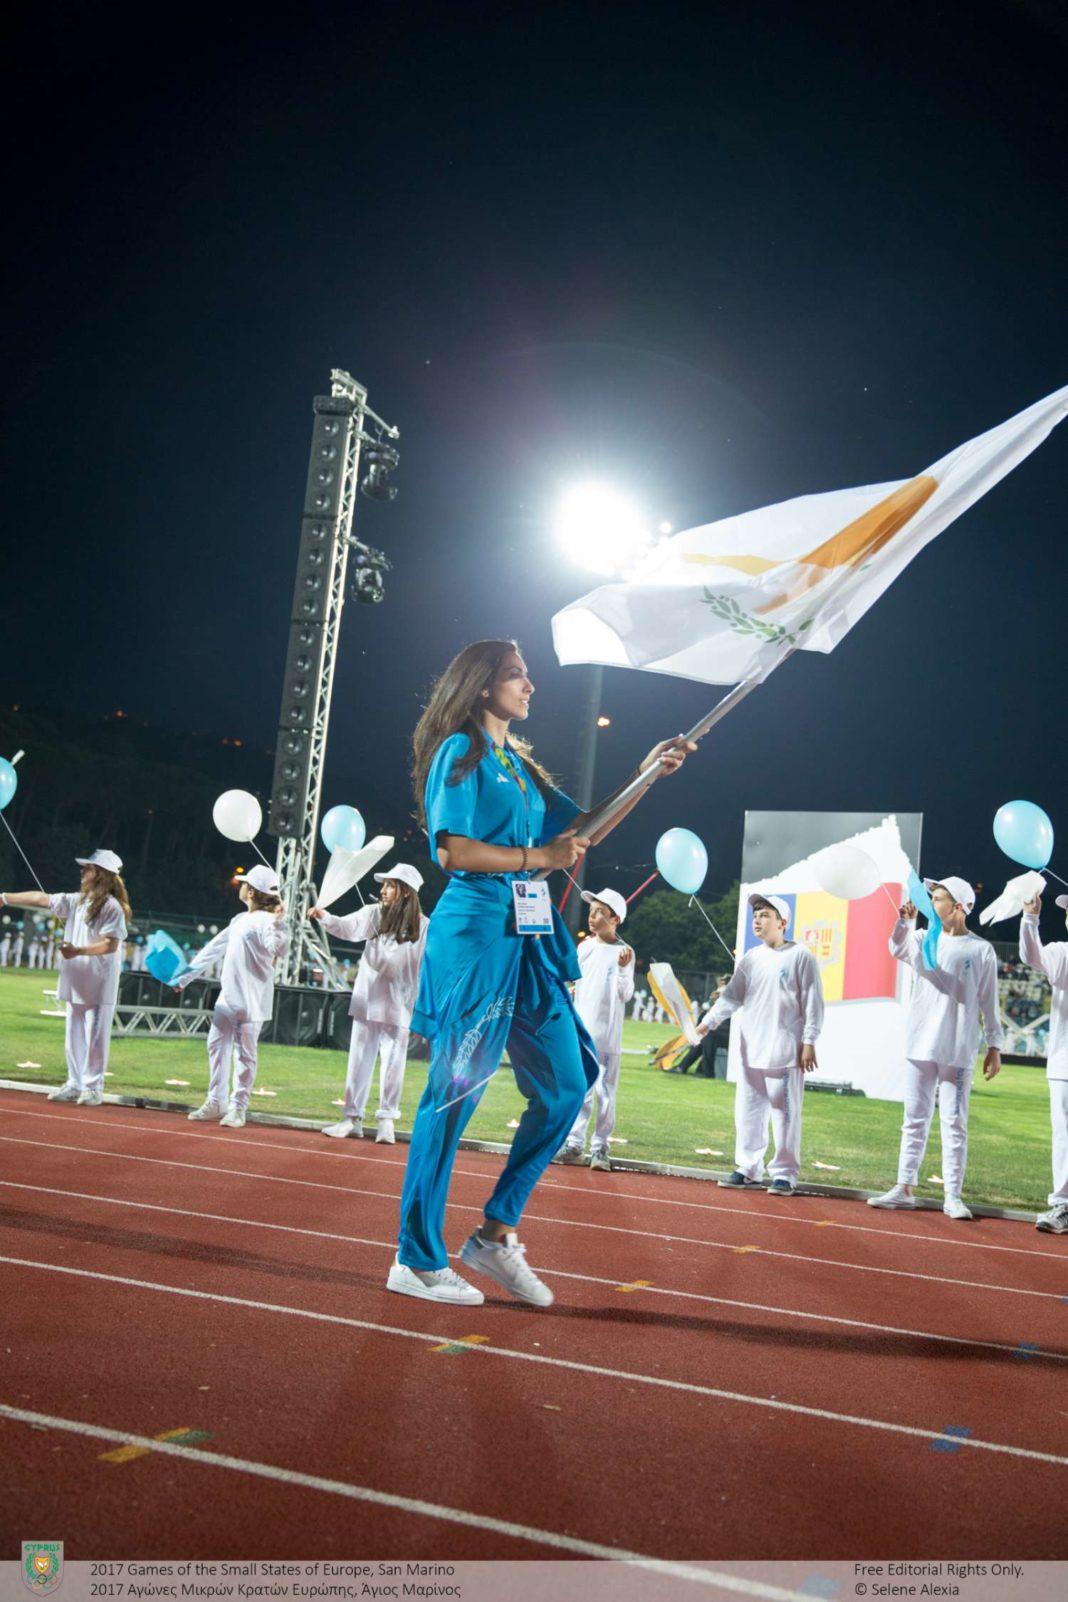 ΑΜΚΕ: Σημαιοφόρος η Μανωλίνα Κωνσταντίνου